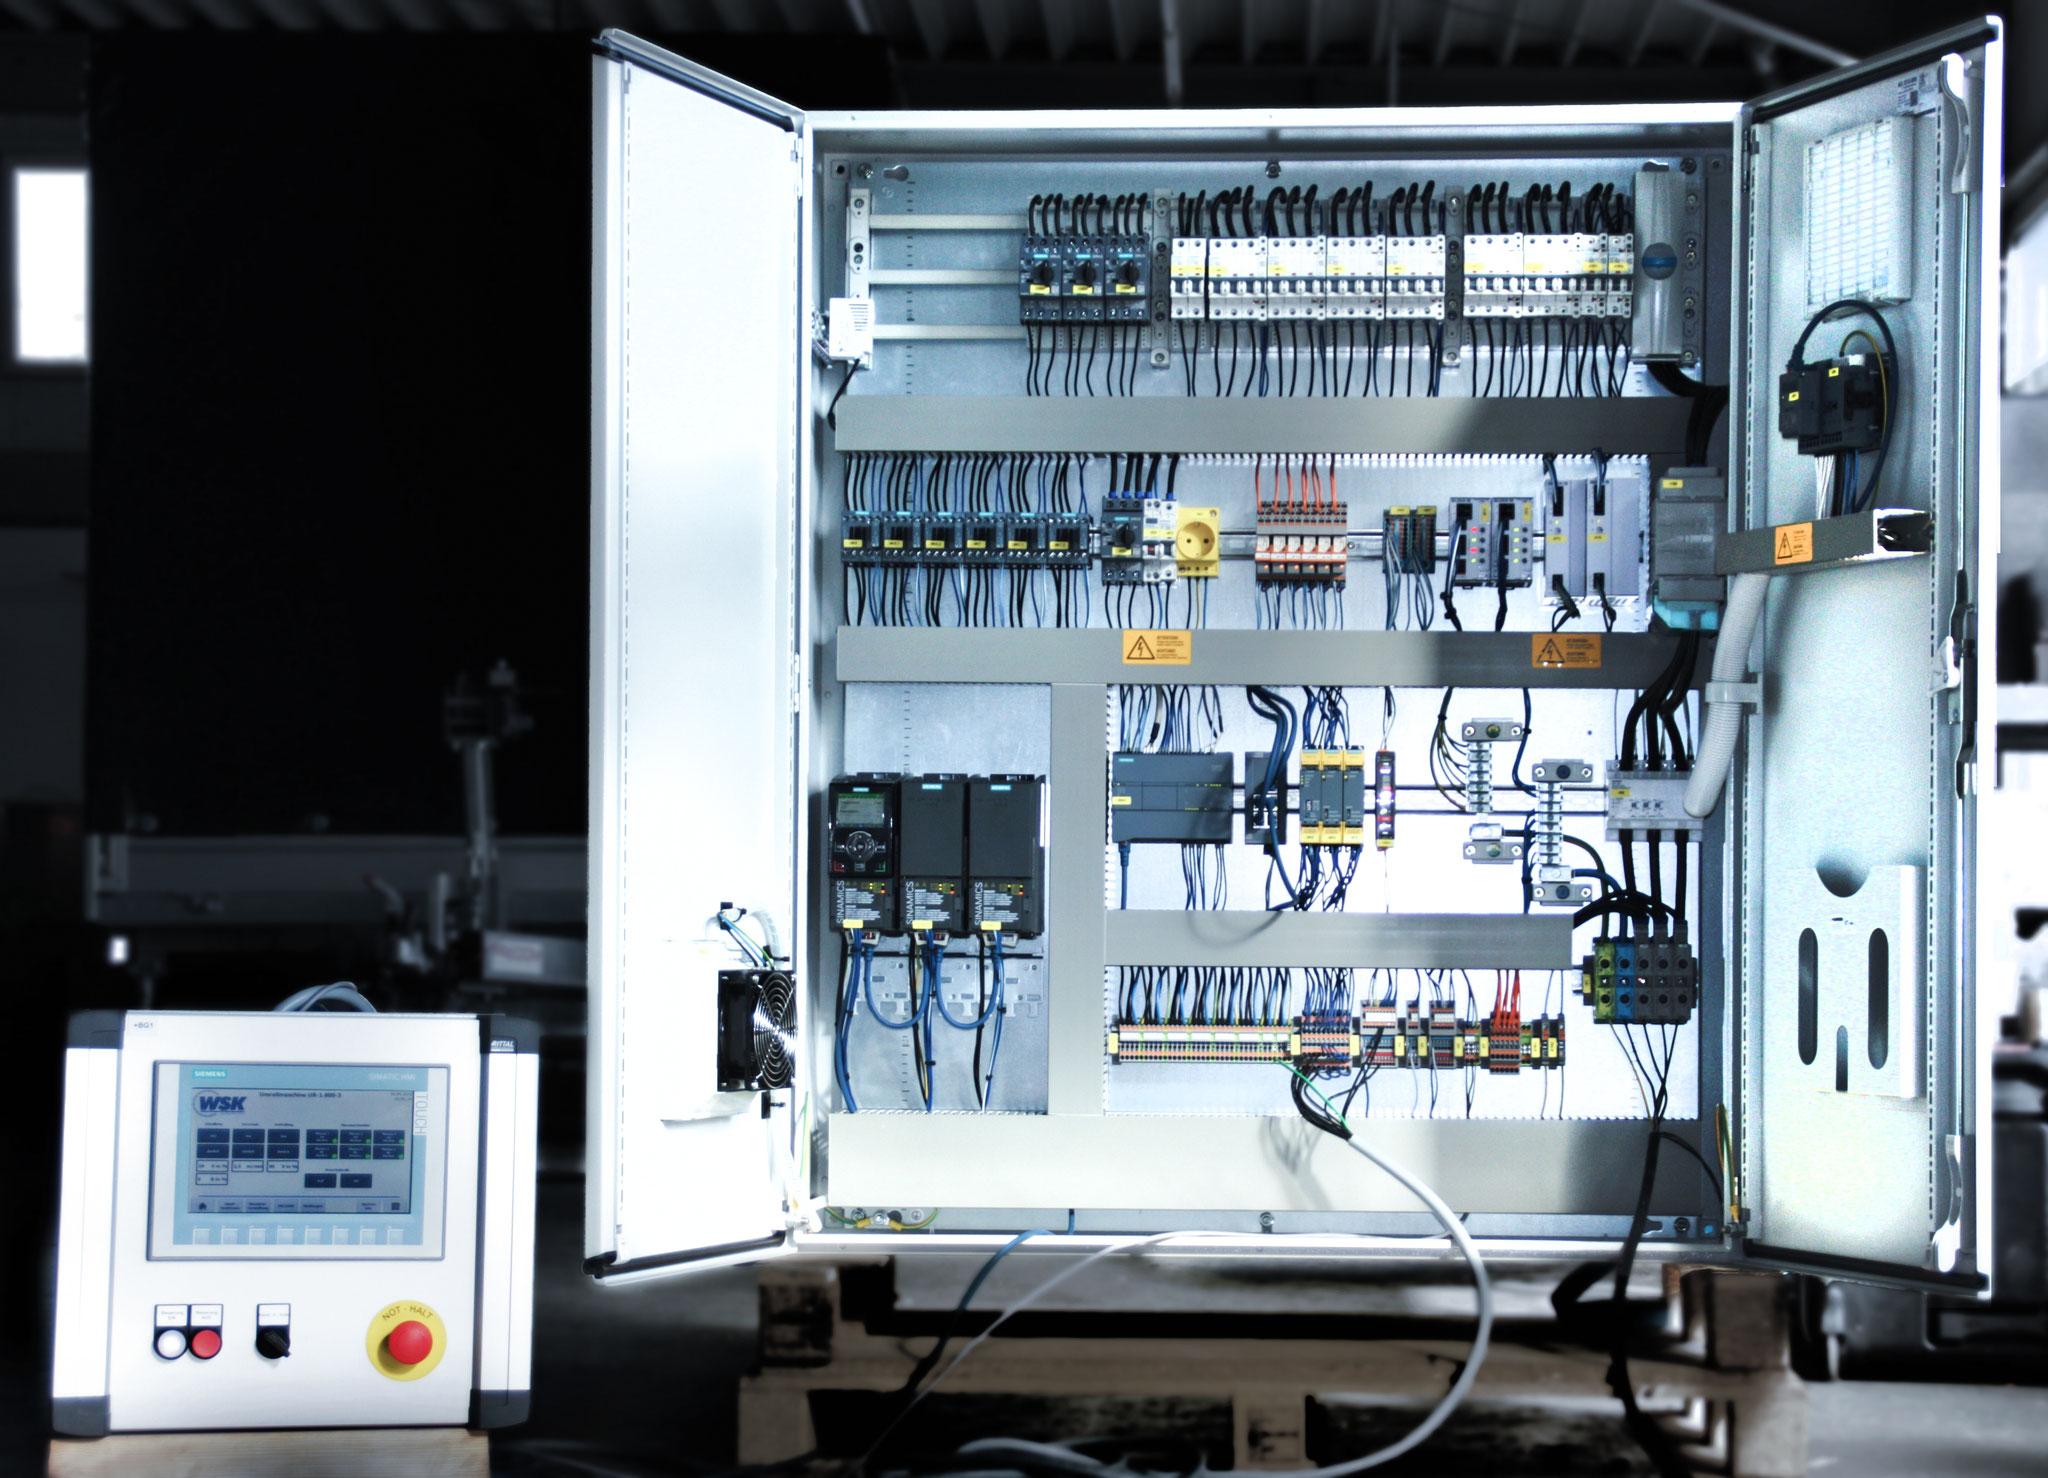 Steuerungs- und Antriebssystem für Wickelmaschine